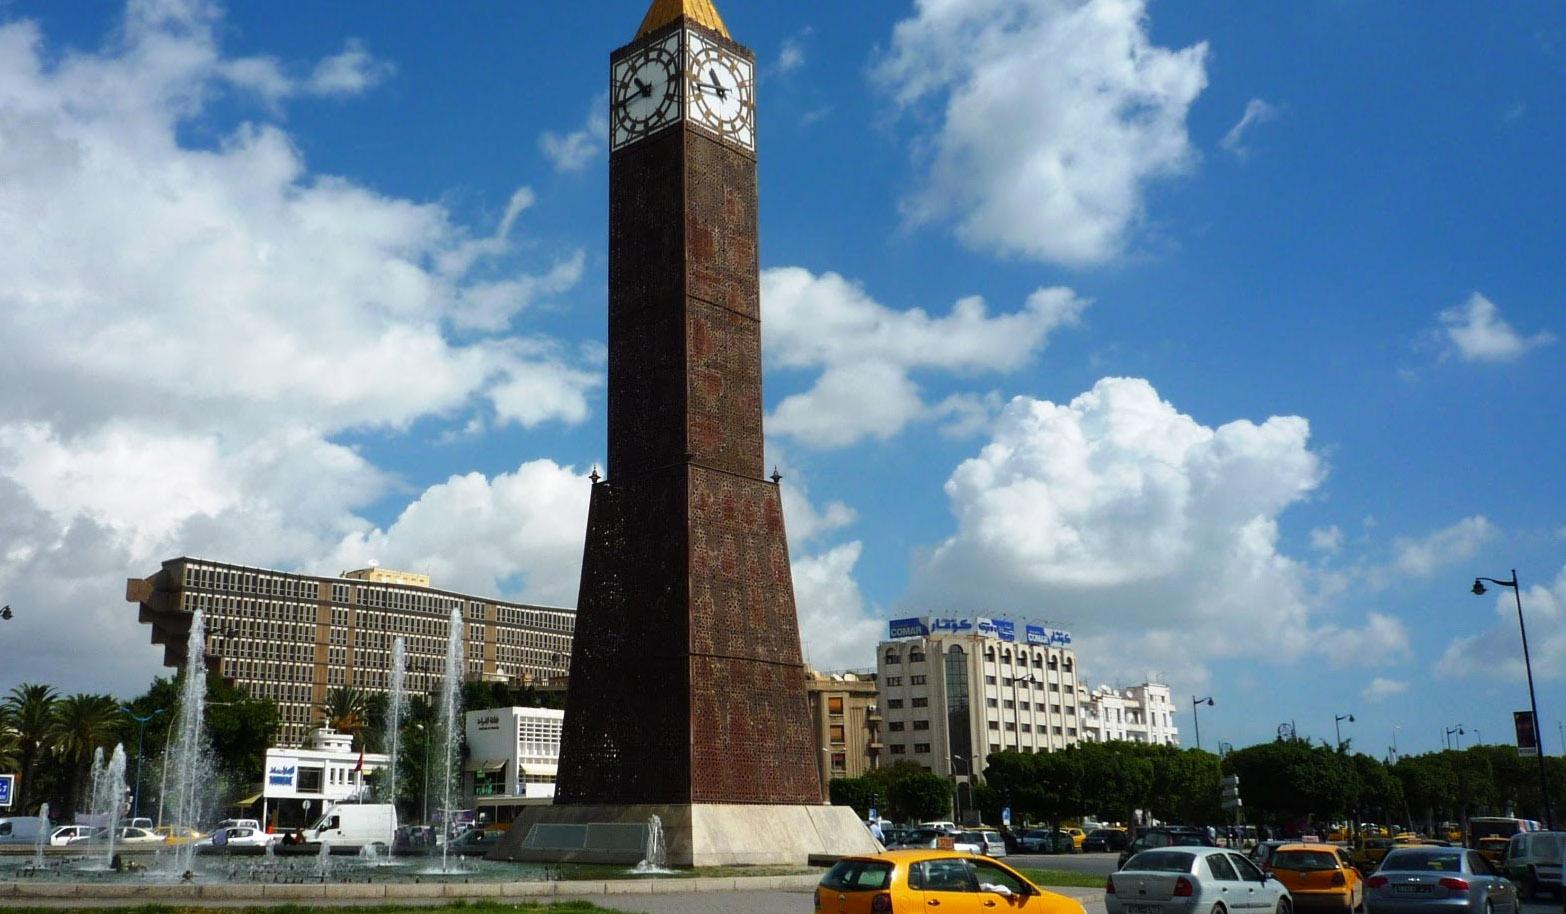 وزارة التجهيز تدعو الى استغلال العقارات الشاغرة وسط العاصمة